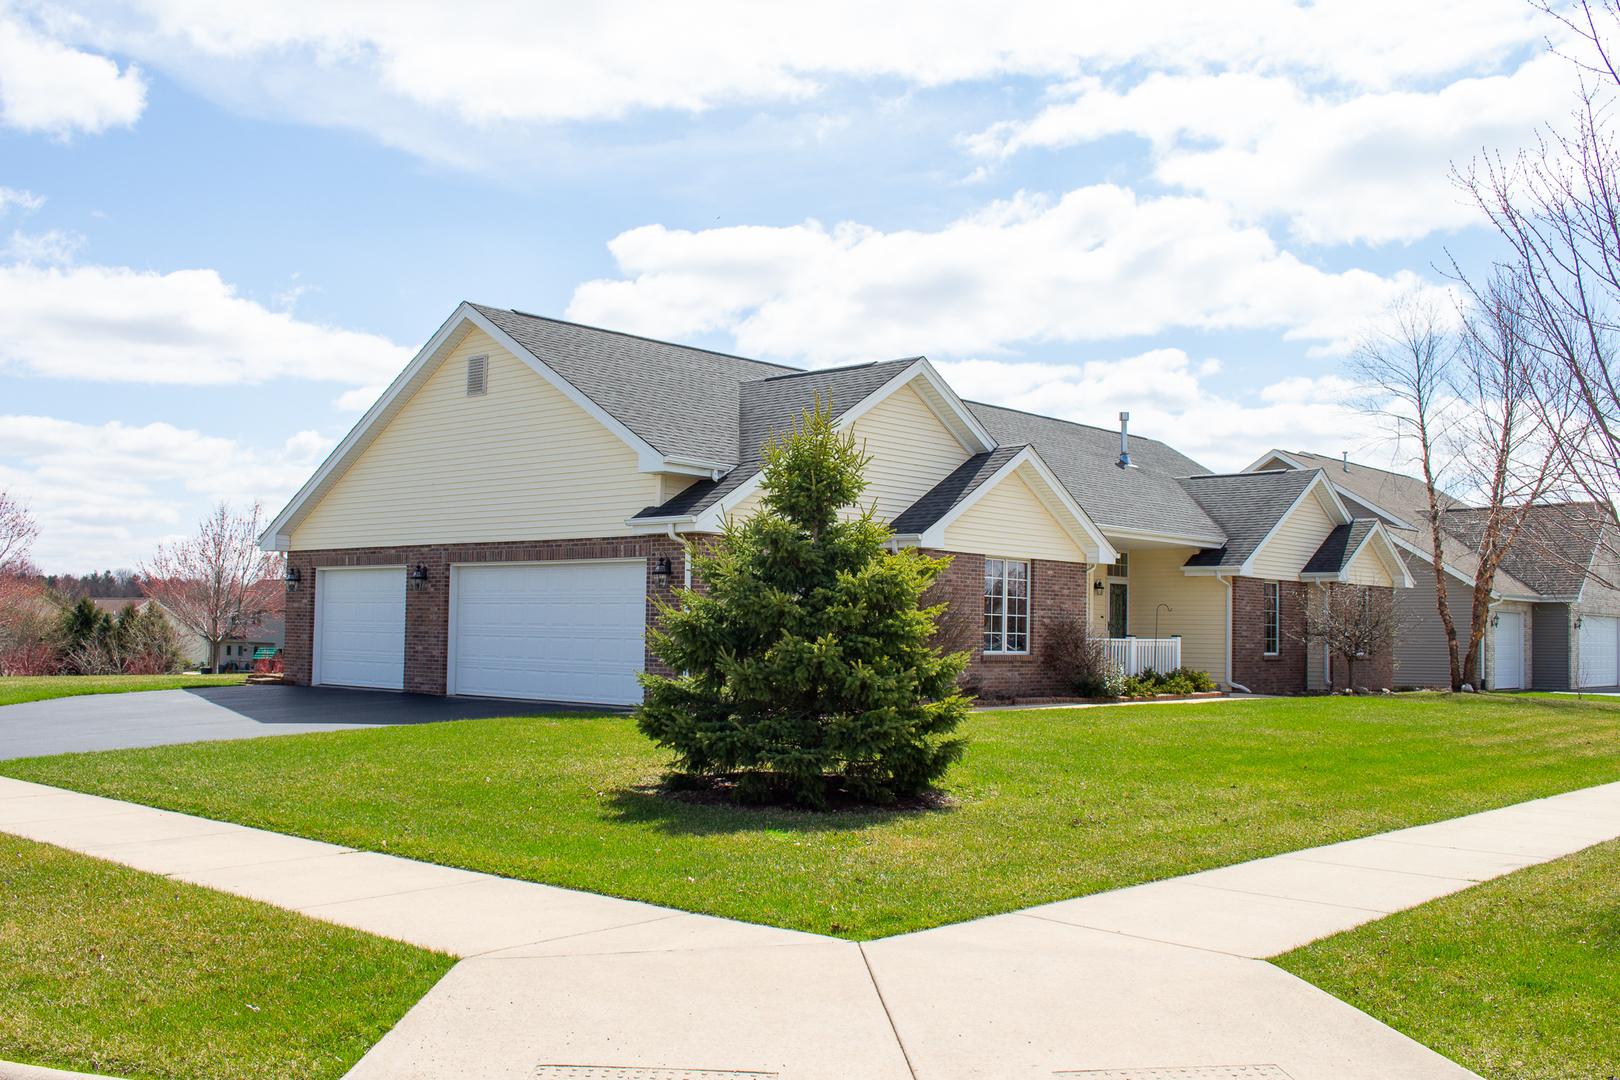 6027 Highland Meadows, Roscoe, Illinois, 61073